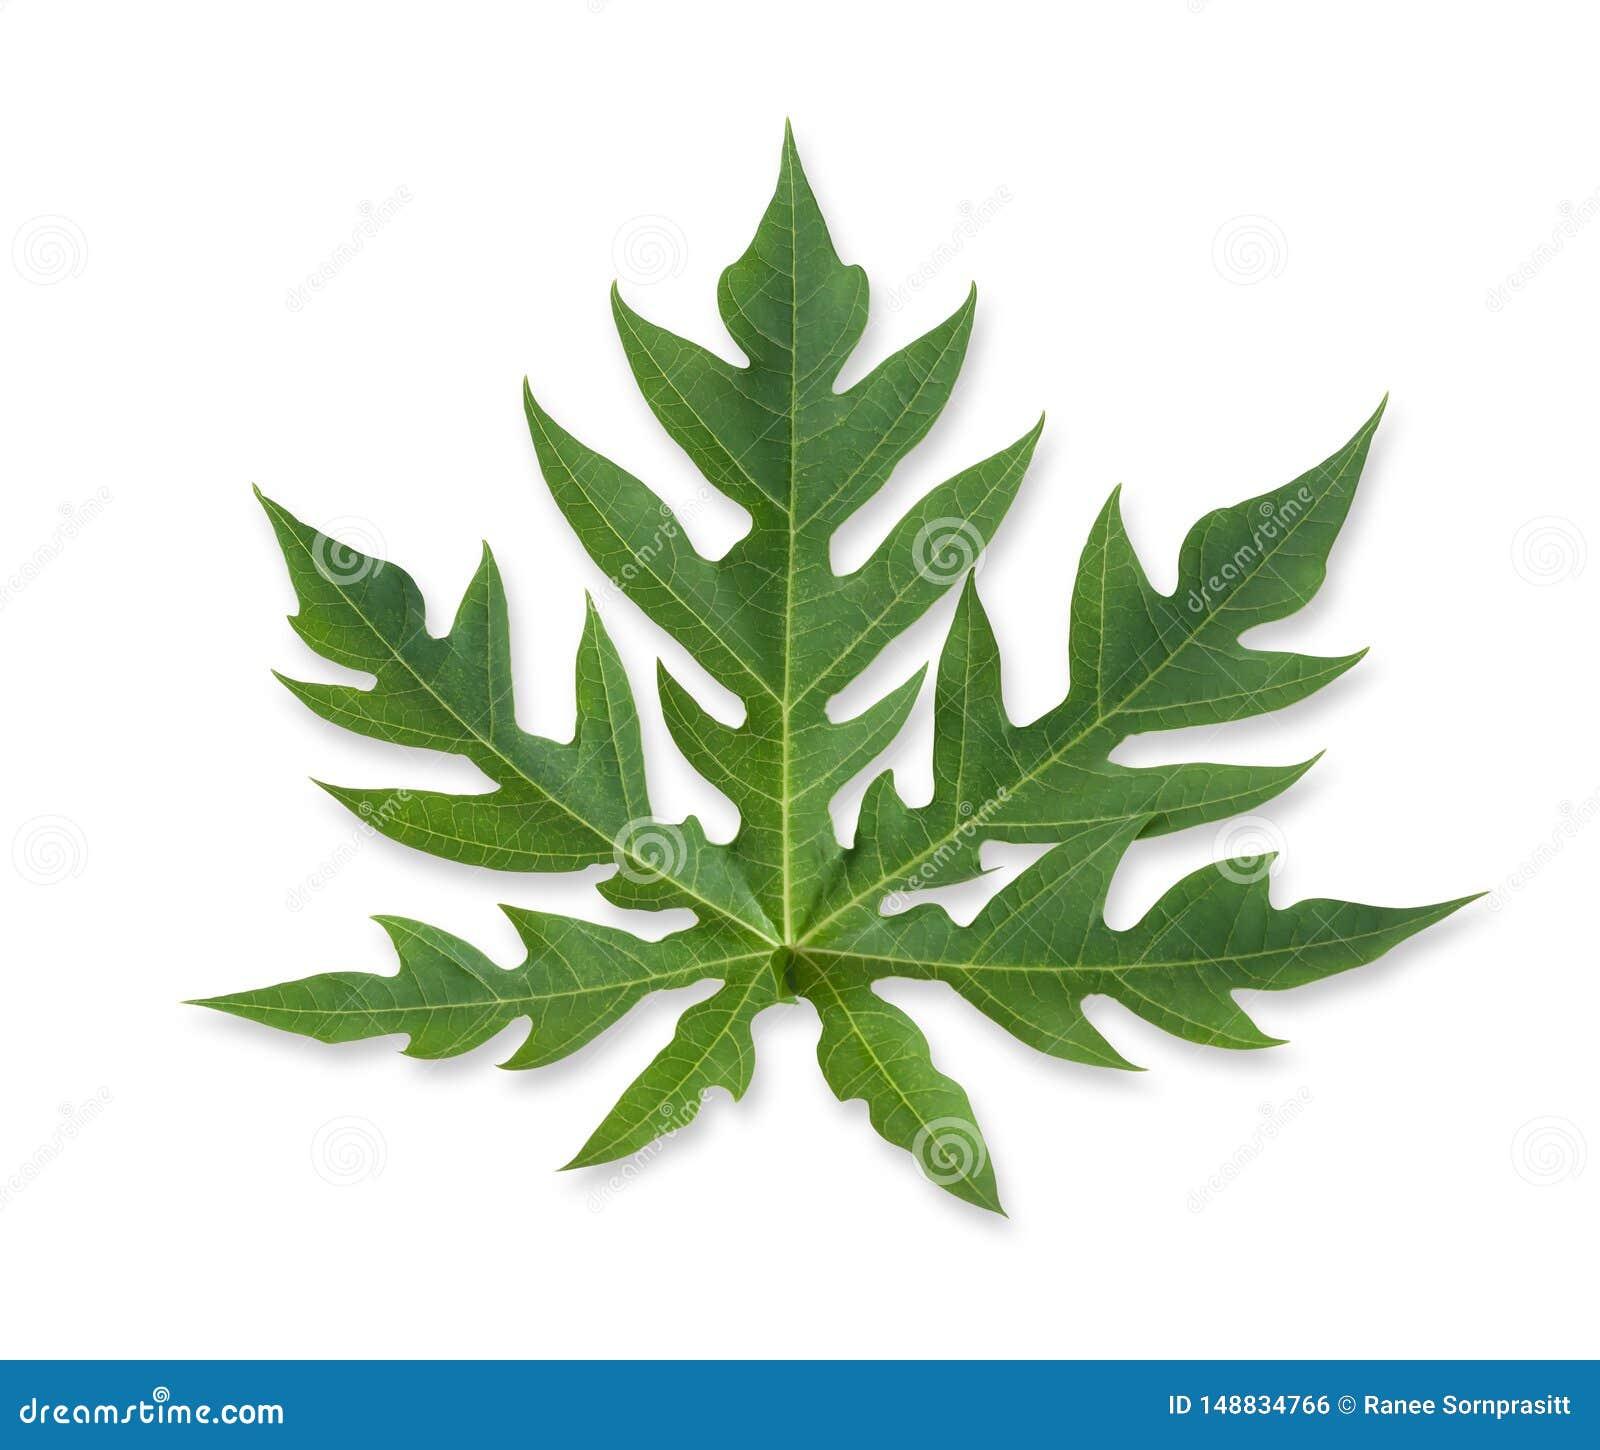 Papaya leaf isolated on the white background